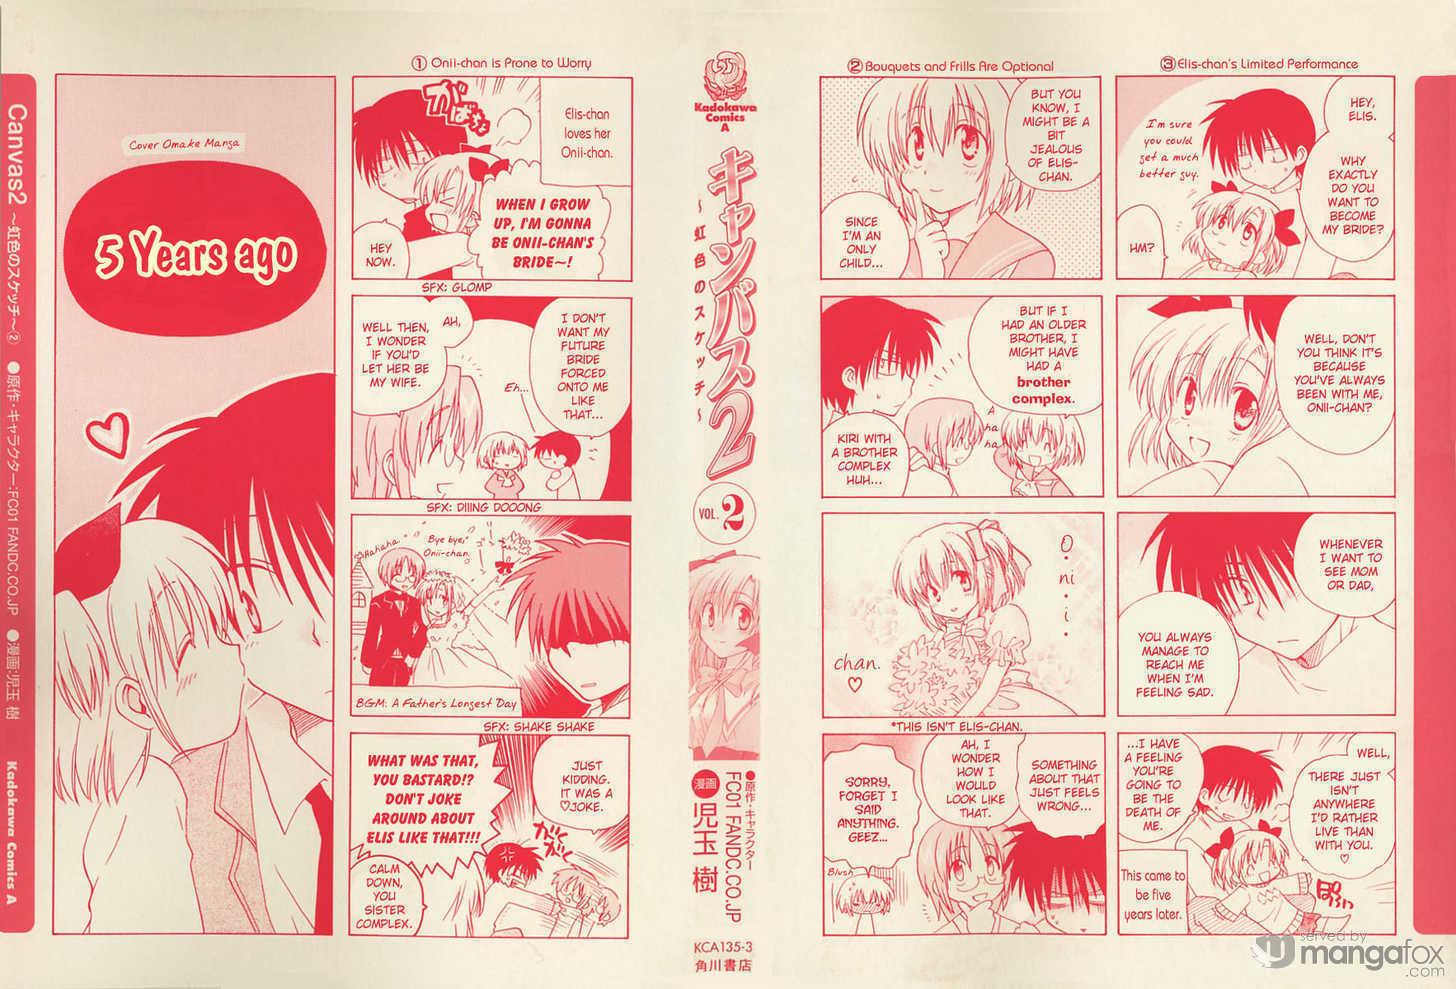 Canvas 2 - Nijiiro no Sketch 7 Page 1